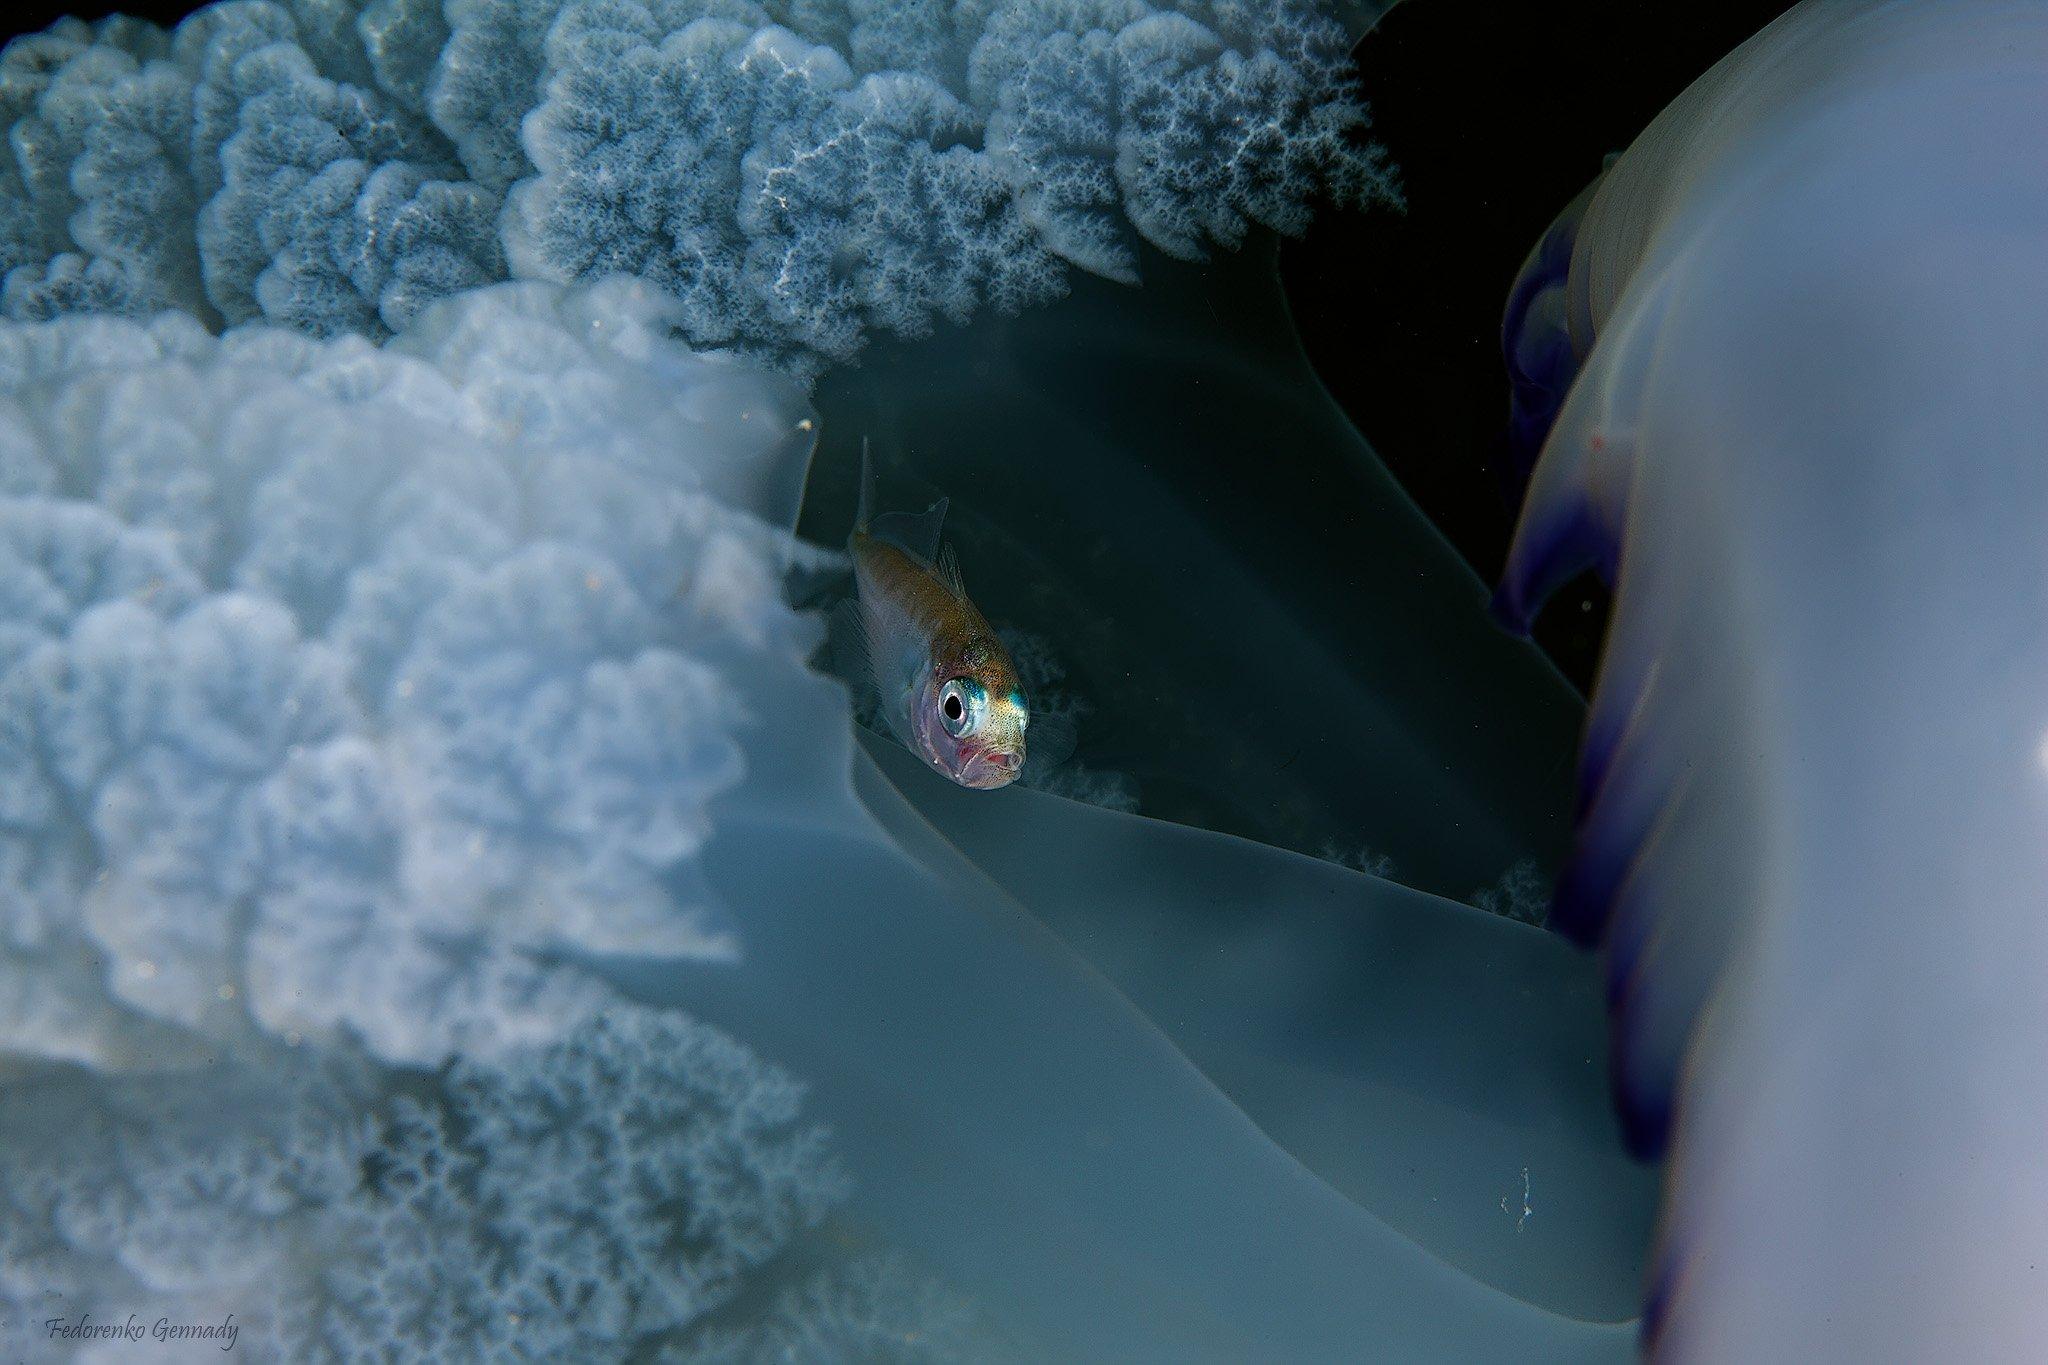 малек ставридки в щупальцах медузы корнерота., Fedorenko Gennady